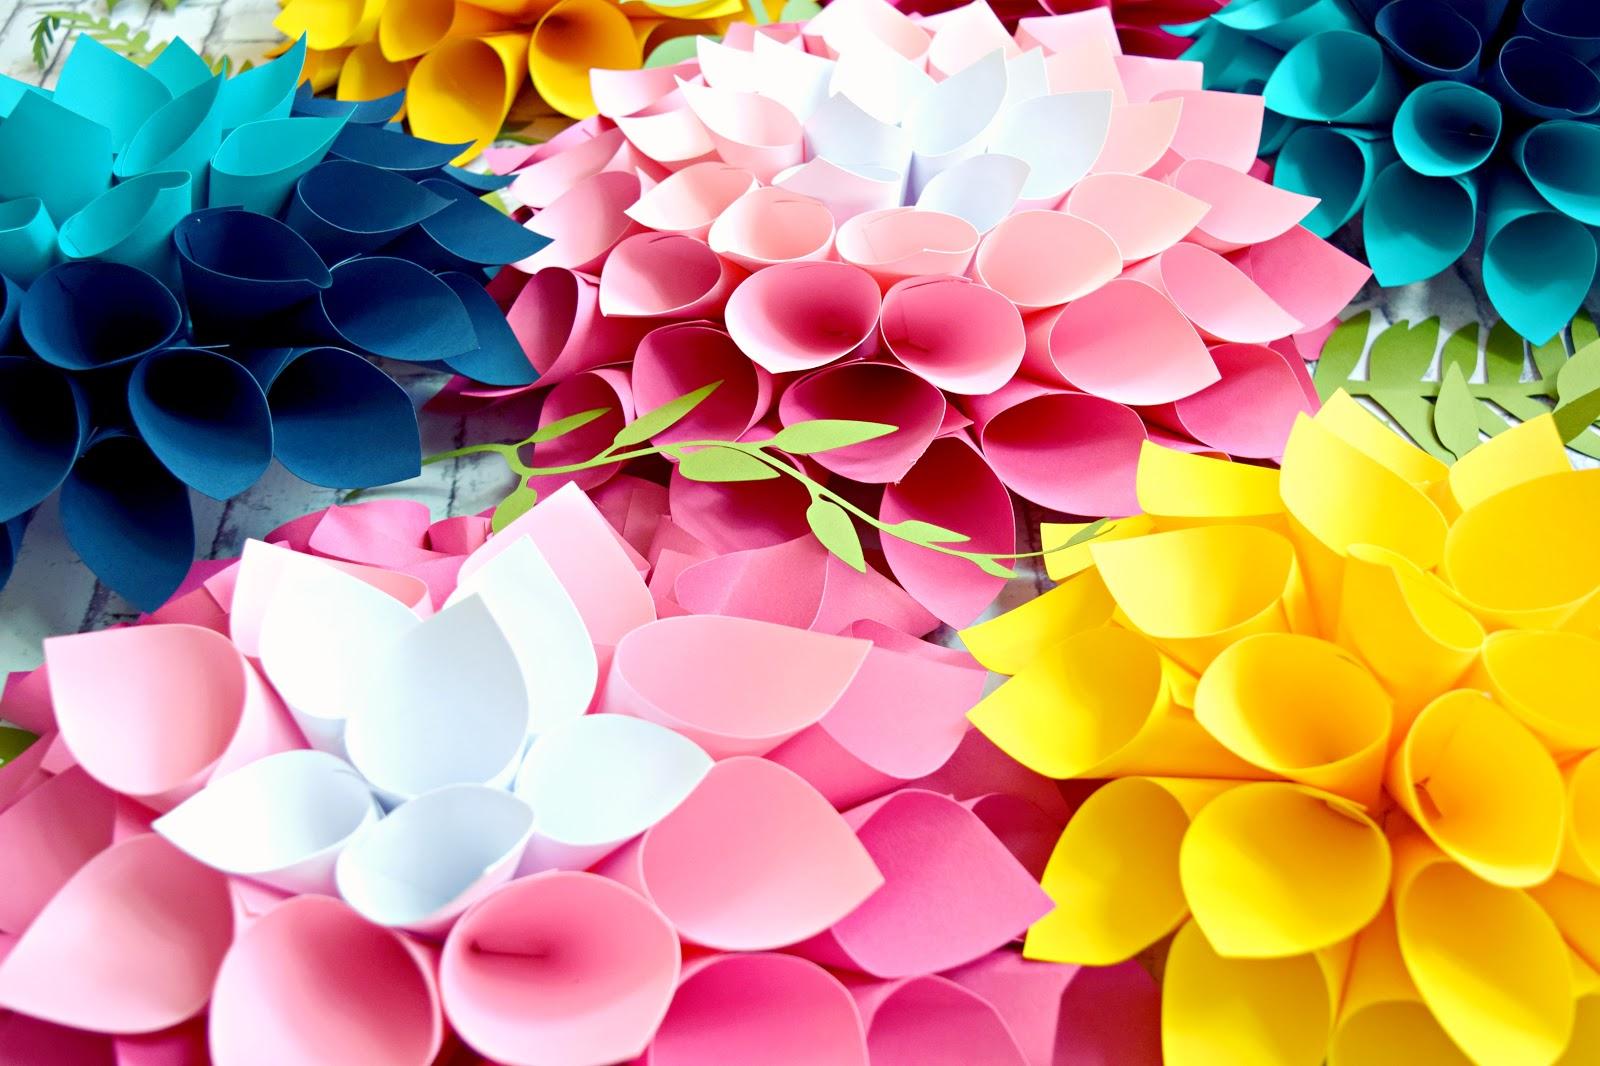 Mamas gone crafty diy giant dahlia paper flowers how to make a giant paper dahlia flowers how to izmirmasajfo